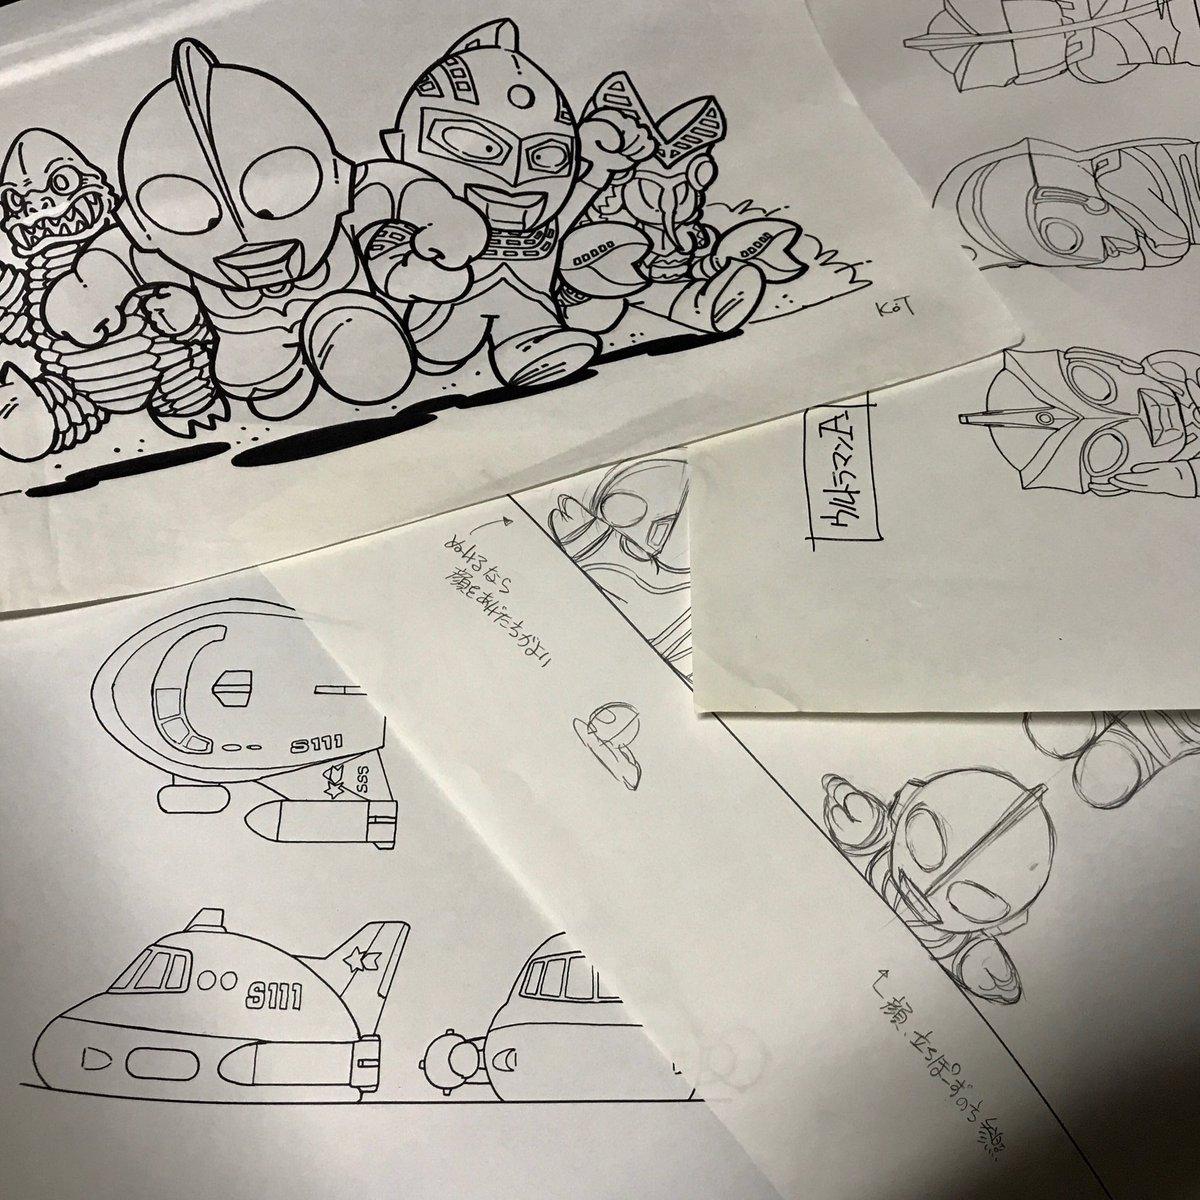 むか〜し描いた ウルトラマン指人形関連とか。デザインというよりアイデアスケッチかな。 #ウルトラマンの日